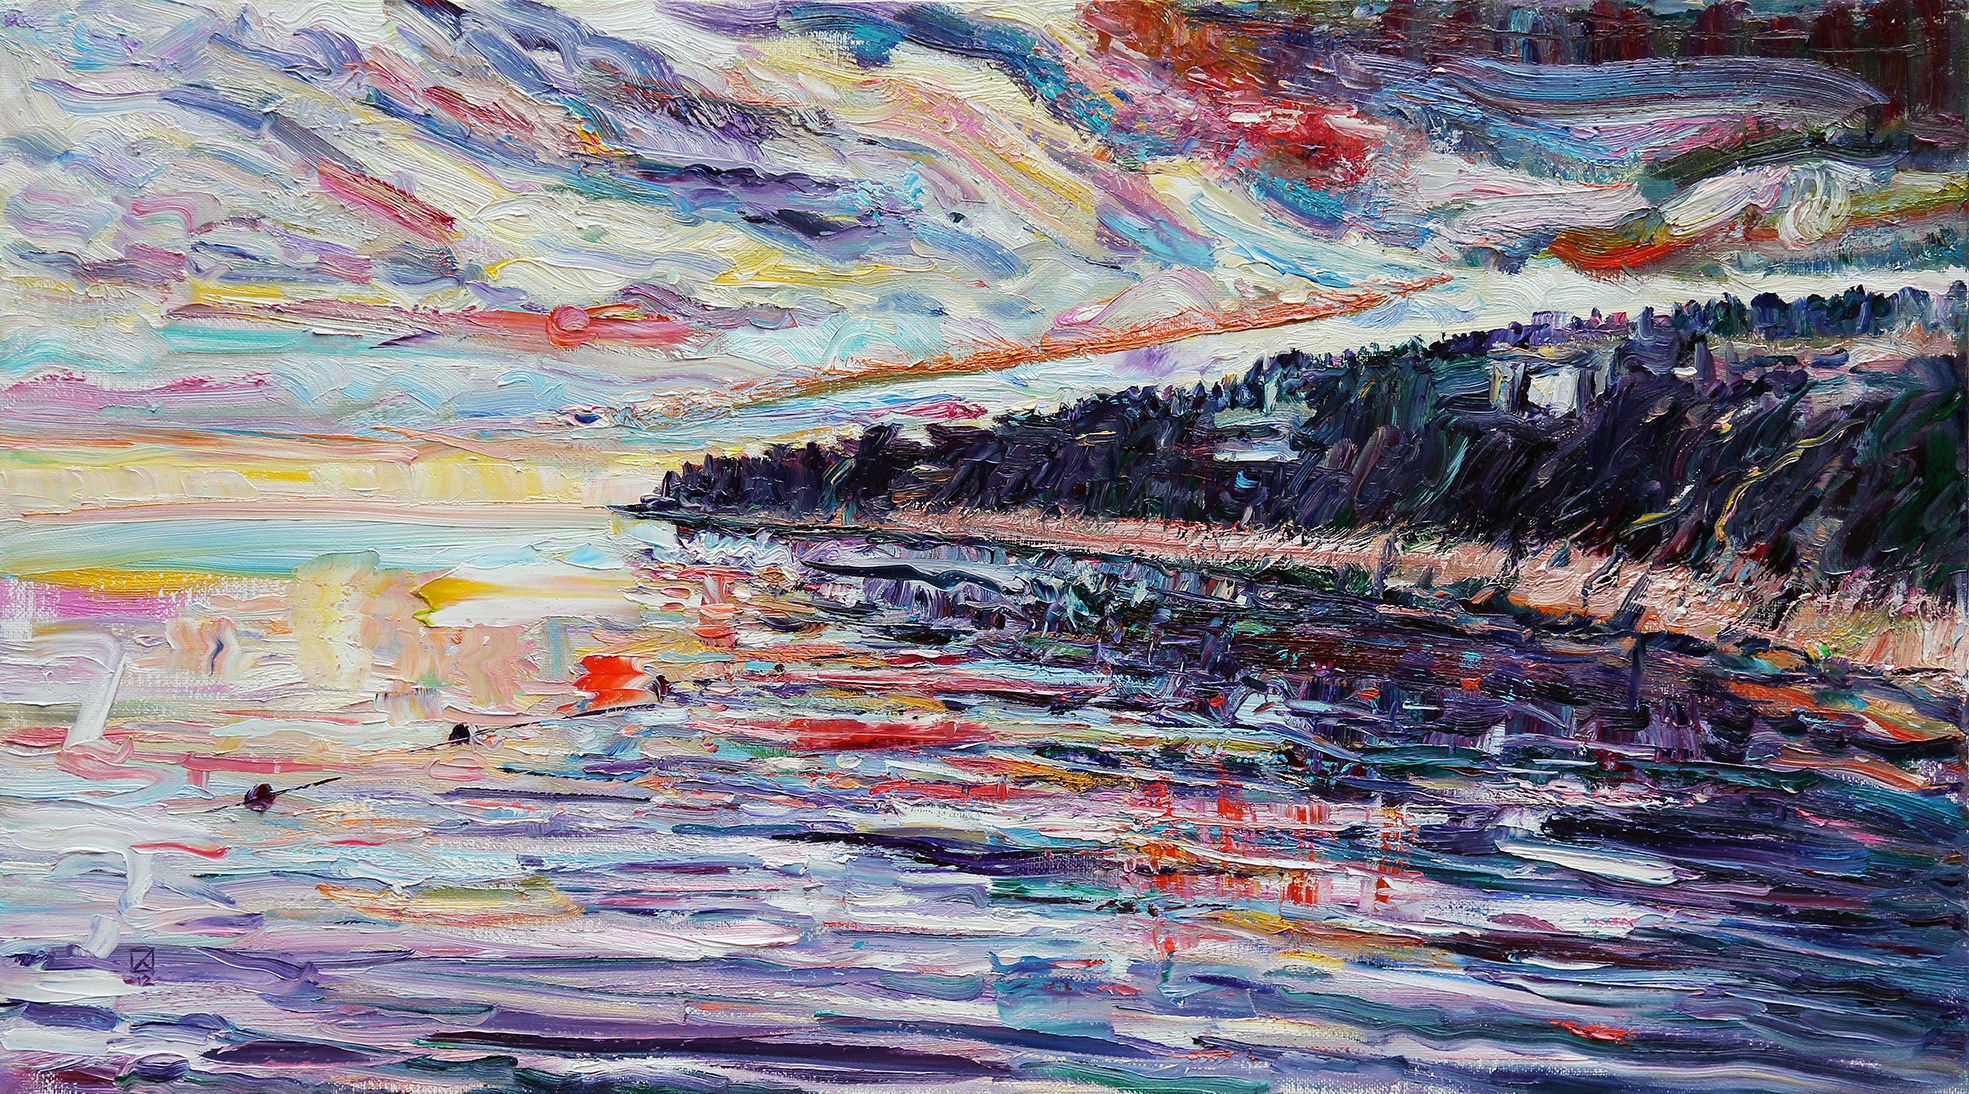 Shore. 2012. Oil on canvas. 70 х 128